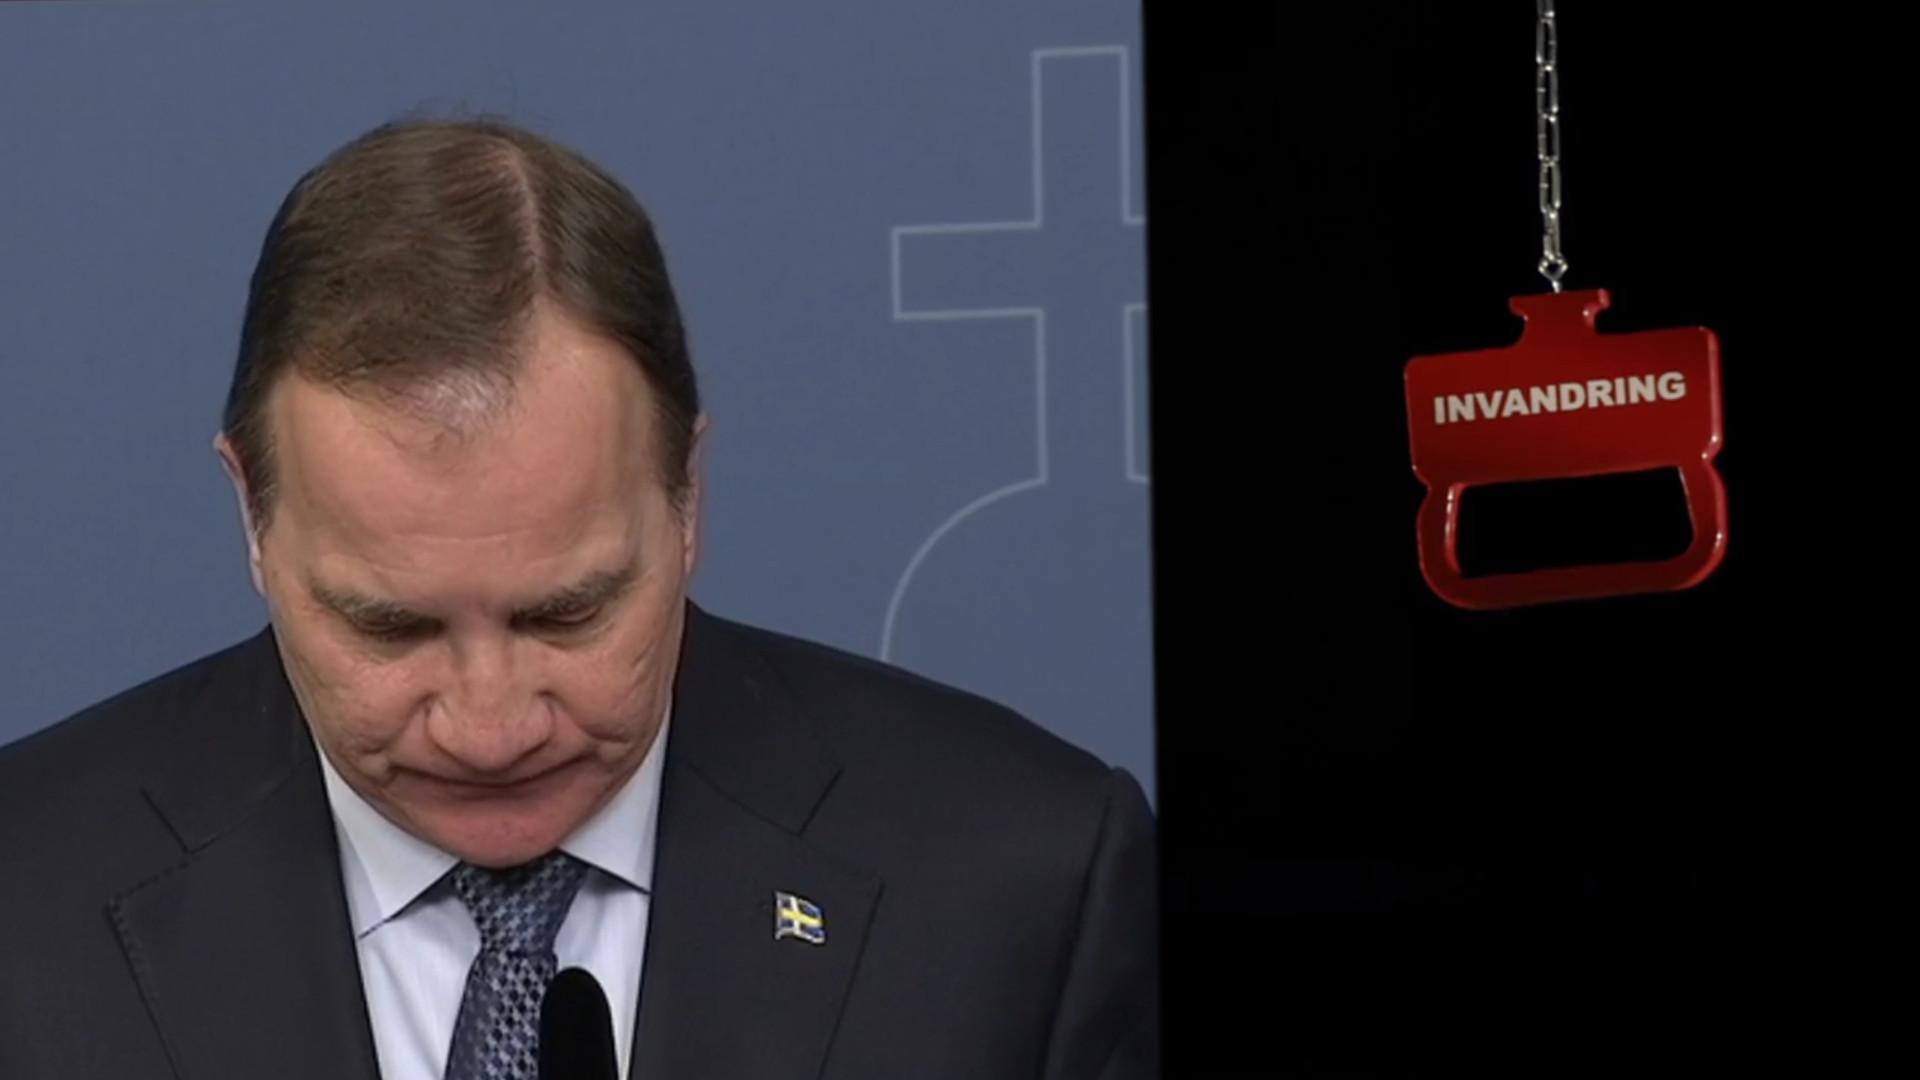 Foto: Regeringen/ Detalj ur SD:s kampanjfilm inför riksdagsvalet 2010.